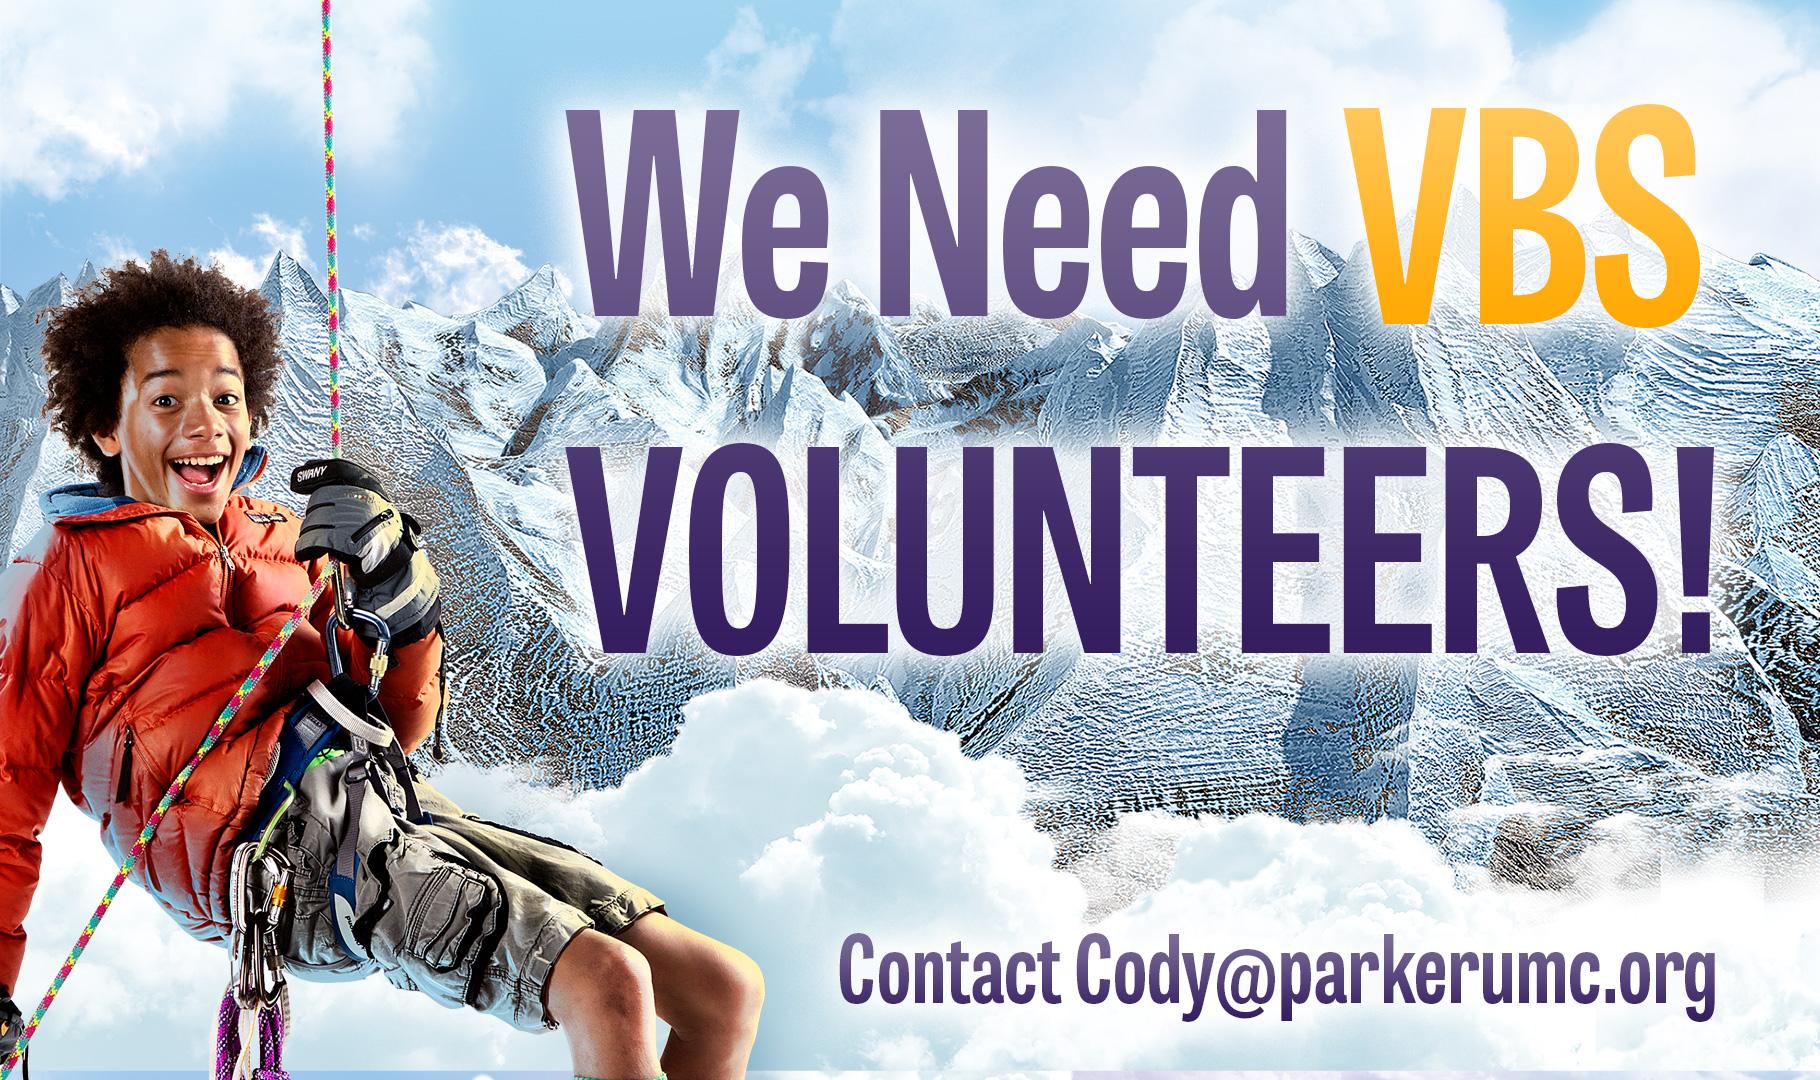 VolunteersNeeded-VBS2015